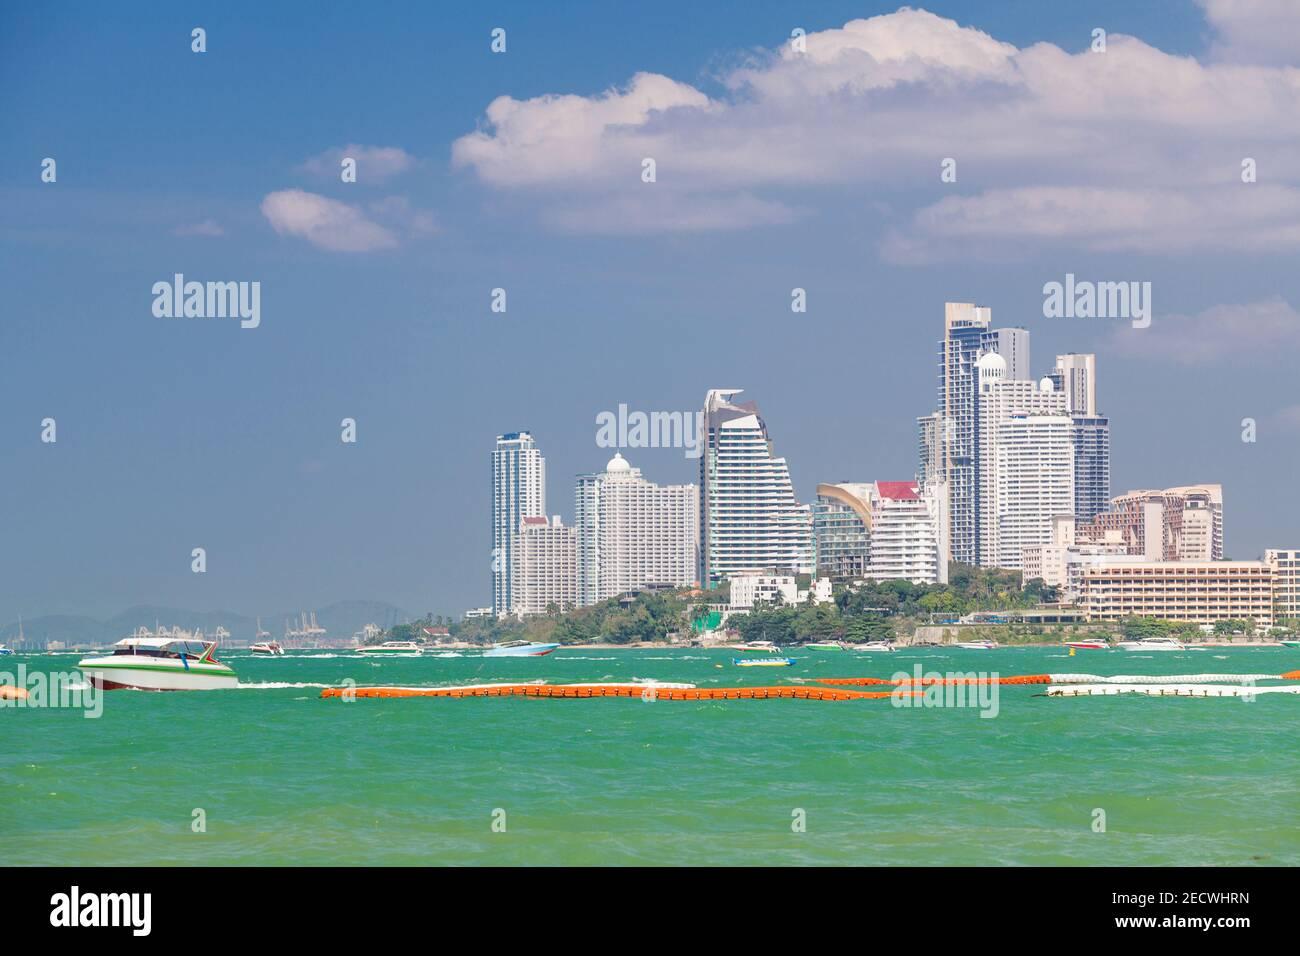 Fondo hoteles y barcos en aguas turquesas en la playa de Pattaya, Tailandia Foto de stock